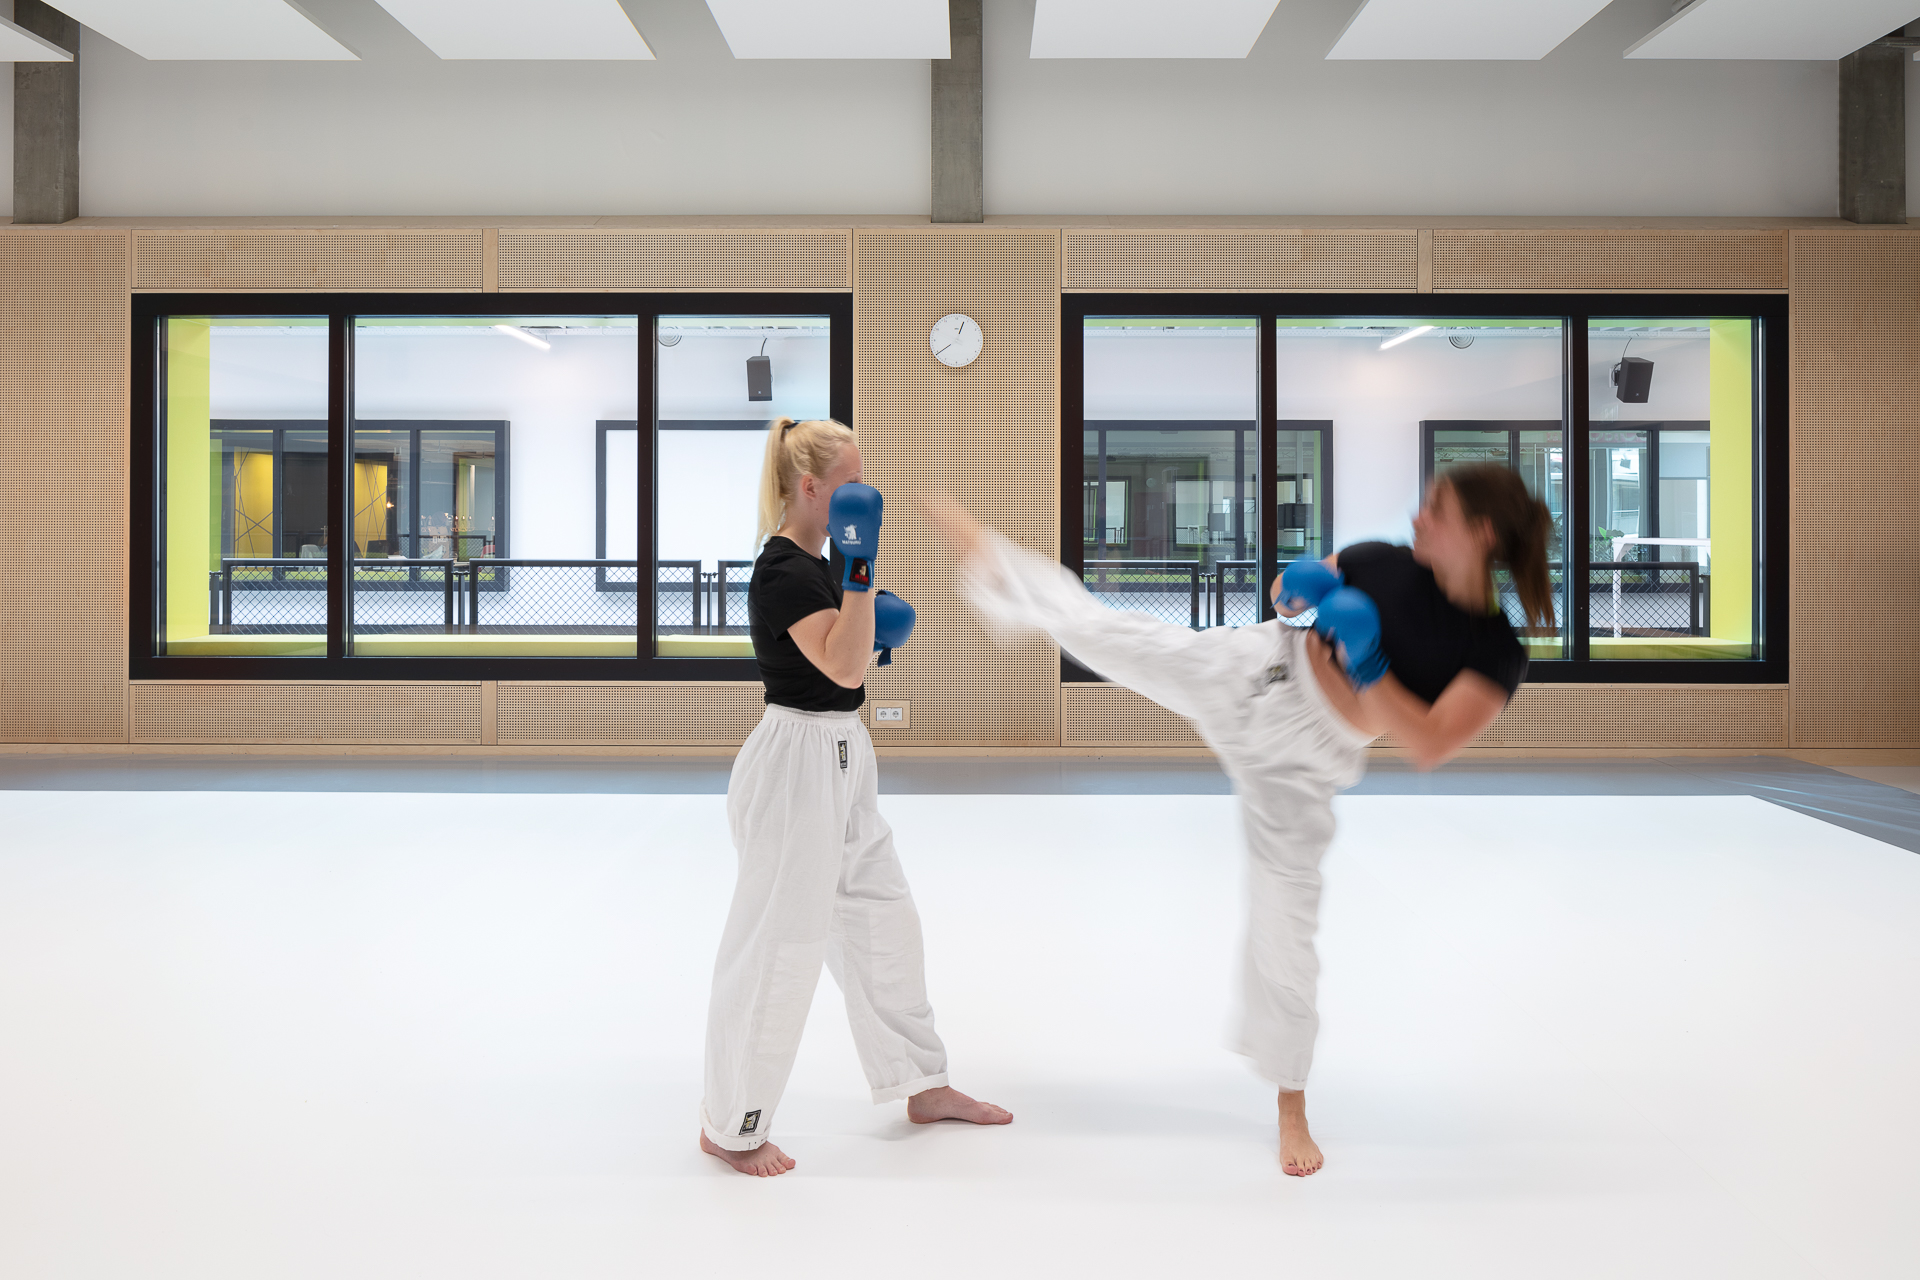 SP2018-Sportcentrum-TUDelft-11-LowRes